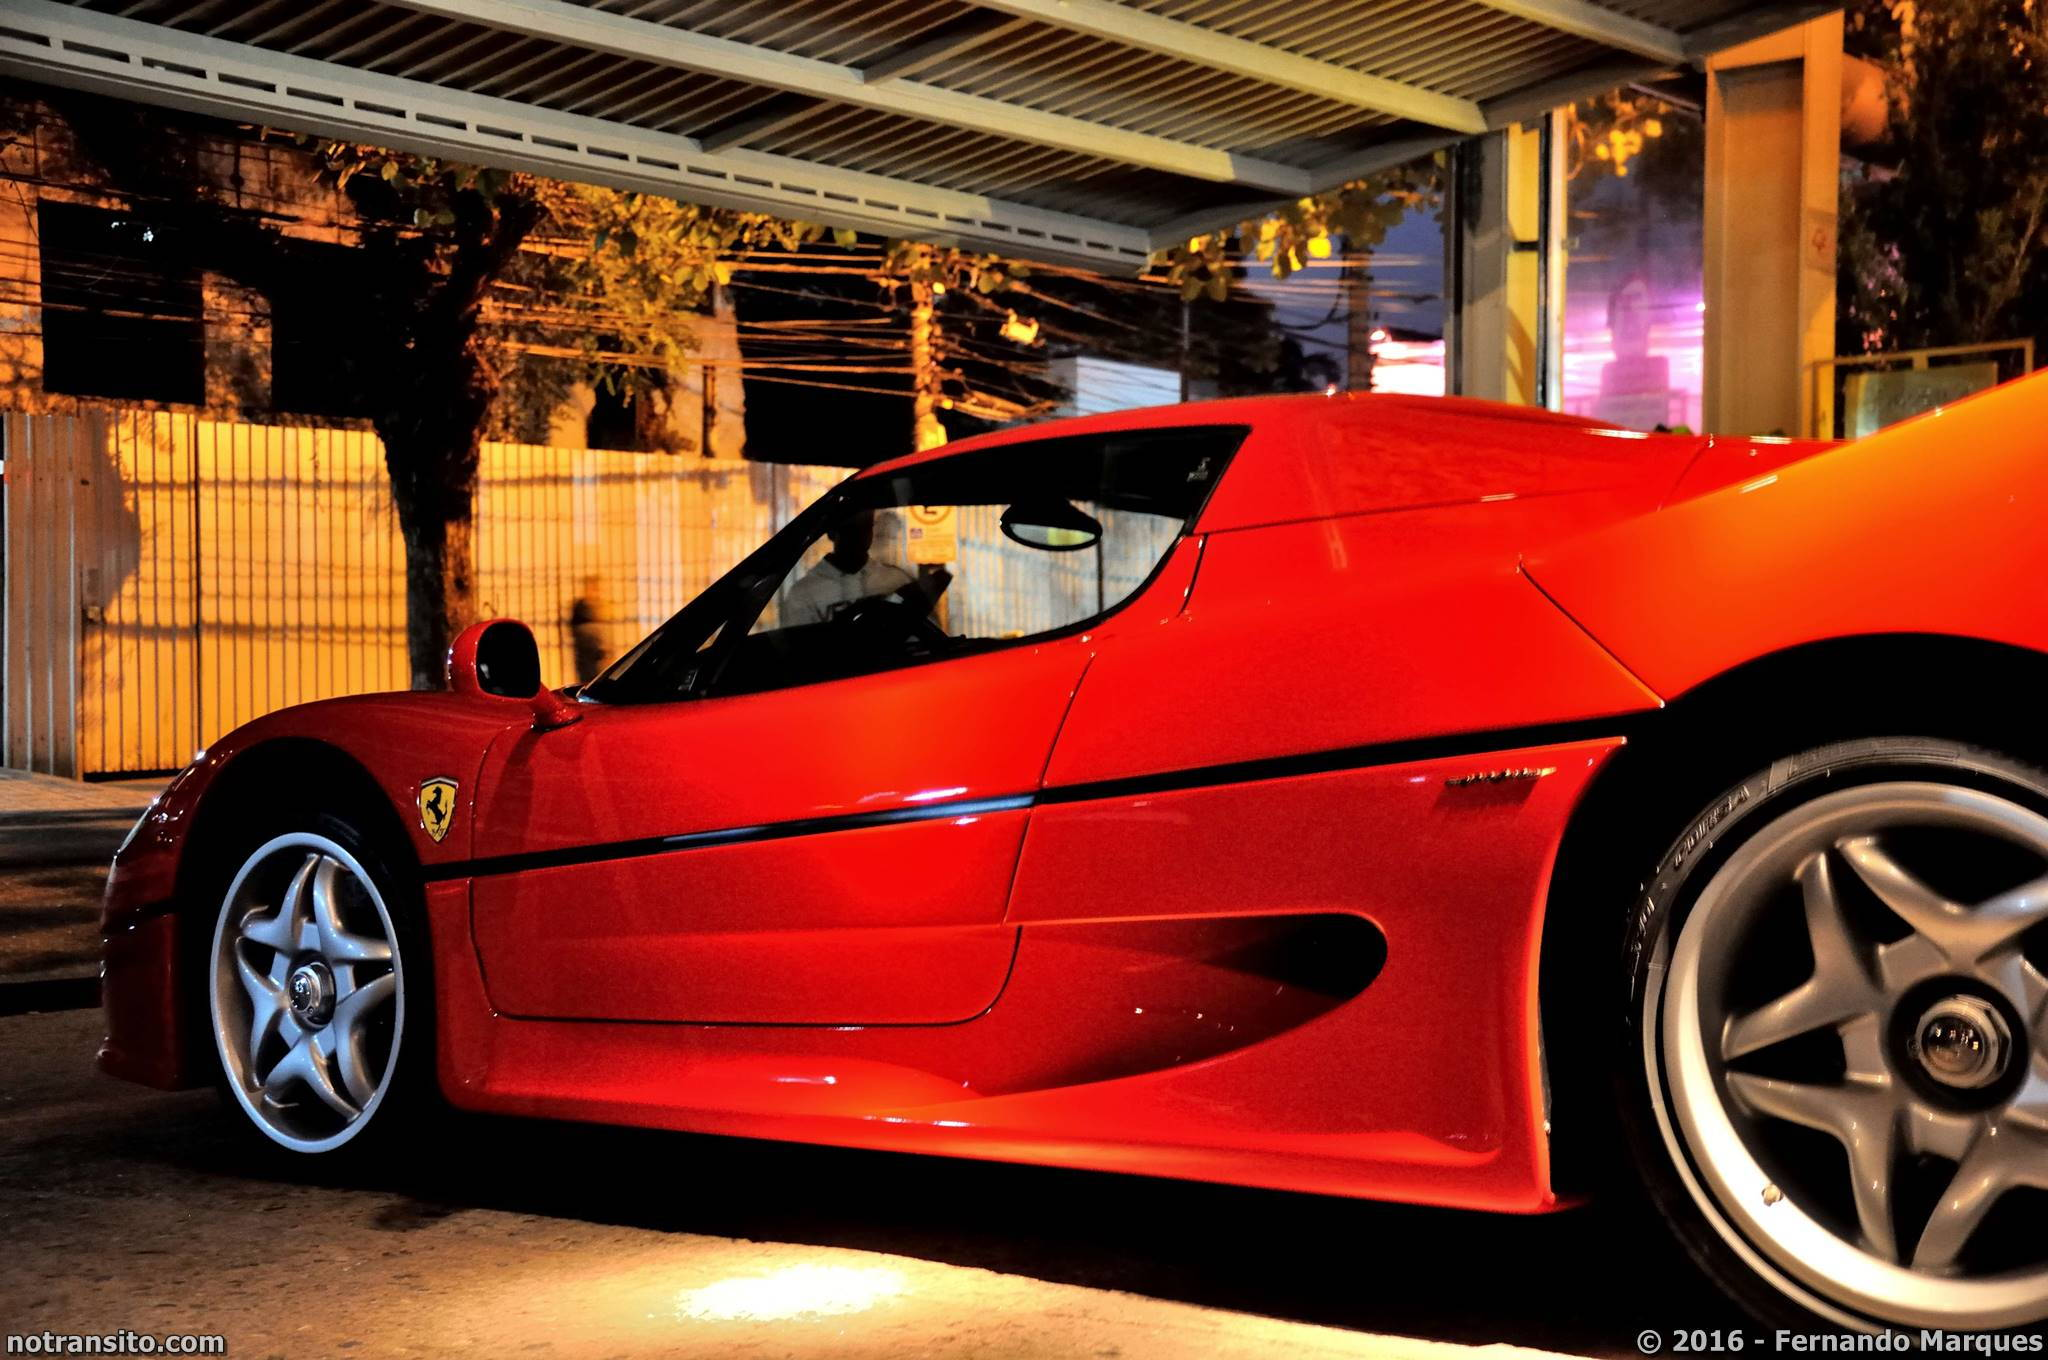 Ferrari F50 Rosso Corsa, Ferrari F50 Brasil, Ferrari F50 São Paulo, A Figueira Rubaiyat